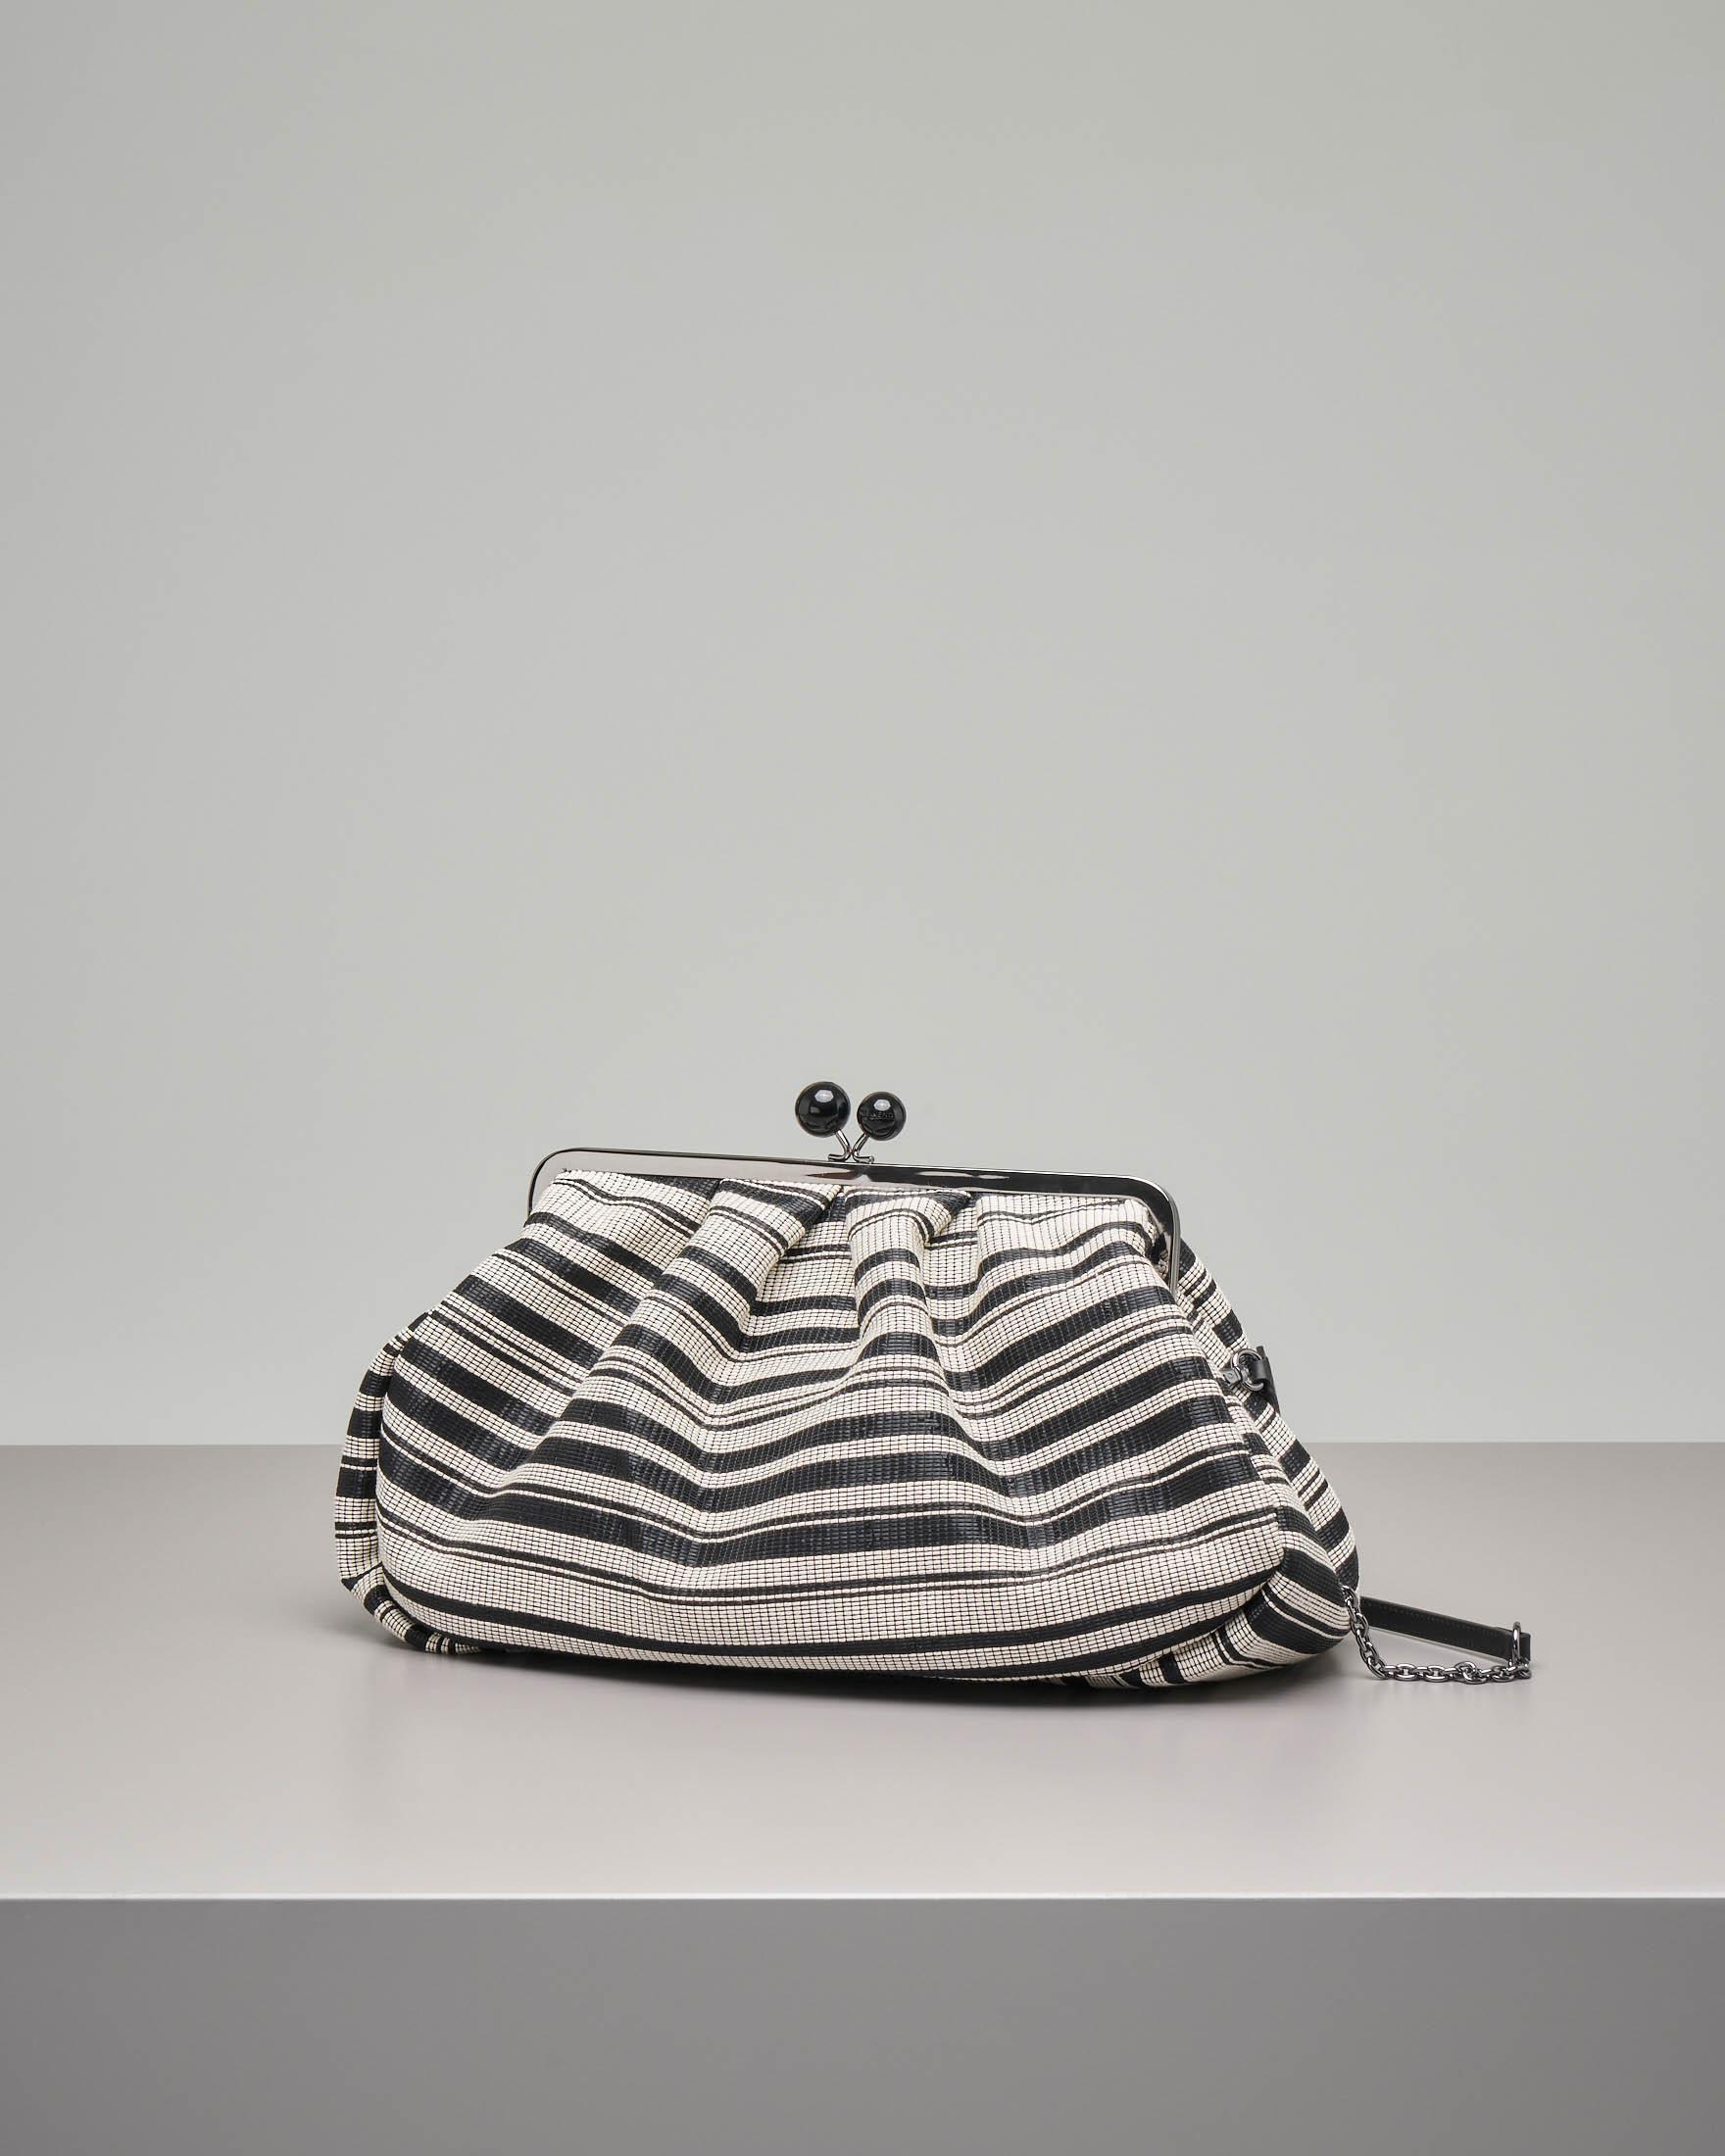 Pasticcino bag modello Madison in tessuto jacquard a righe bianche e nero effetto rafia